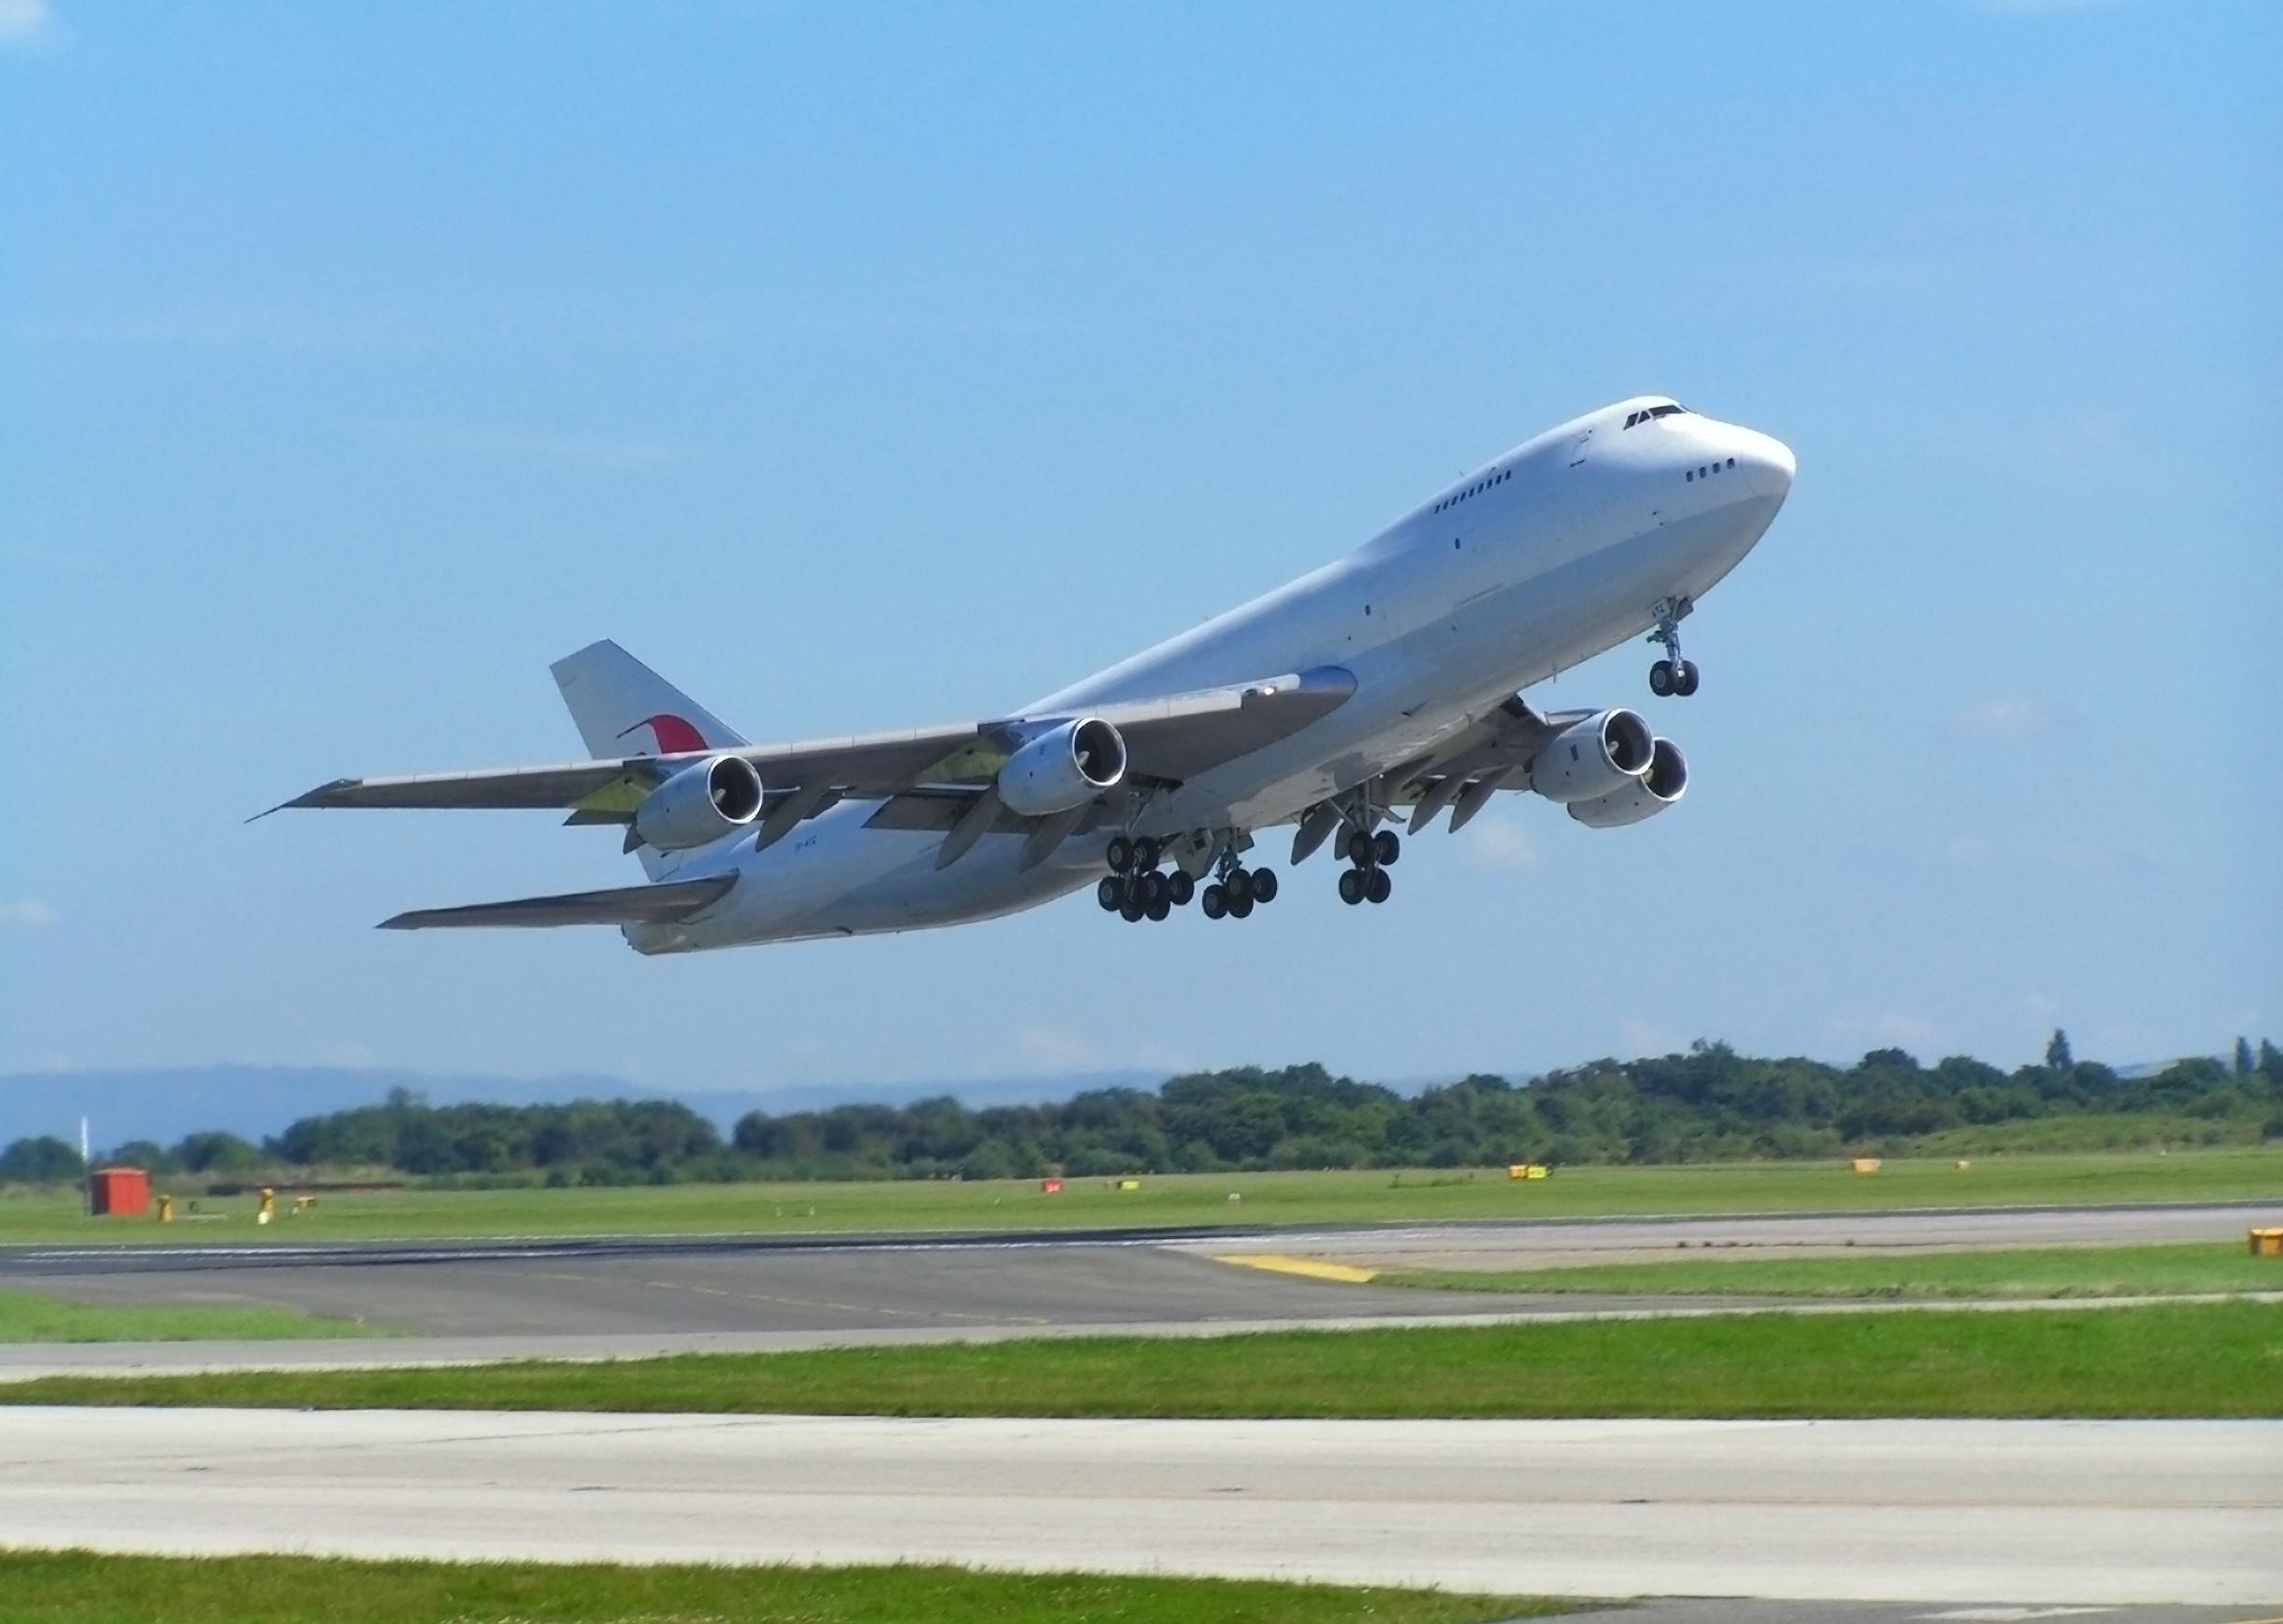 زیر ساخت های فرودگاهی برای خرید هواپیماهای جدید آماده نیست